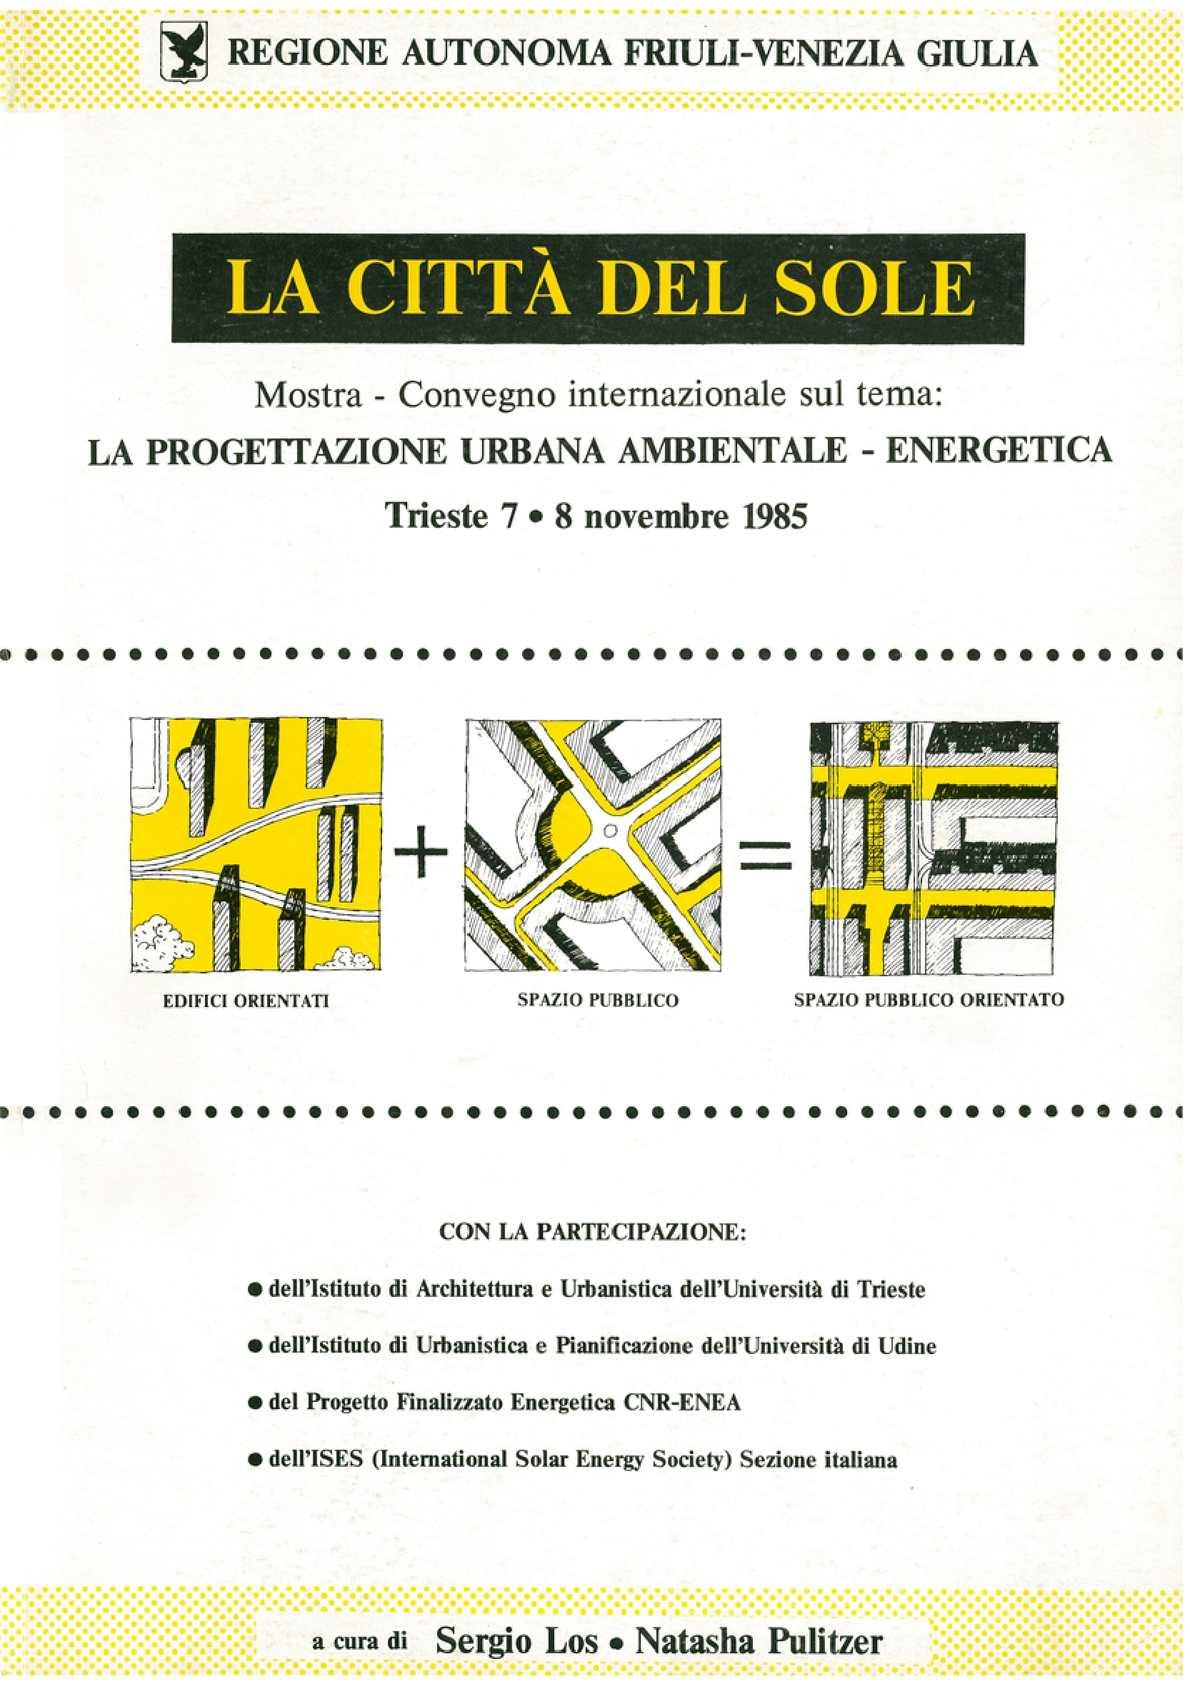 LA CITTA' DEL SOLE